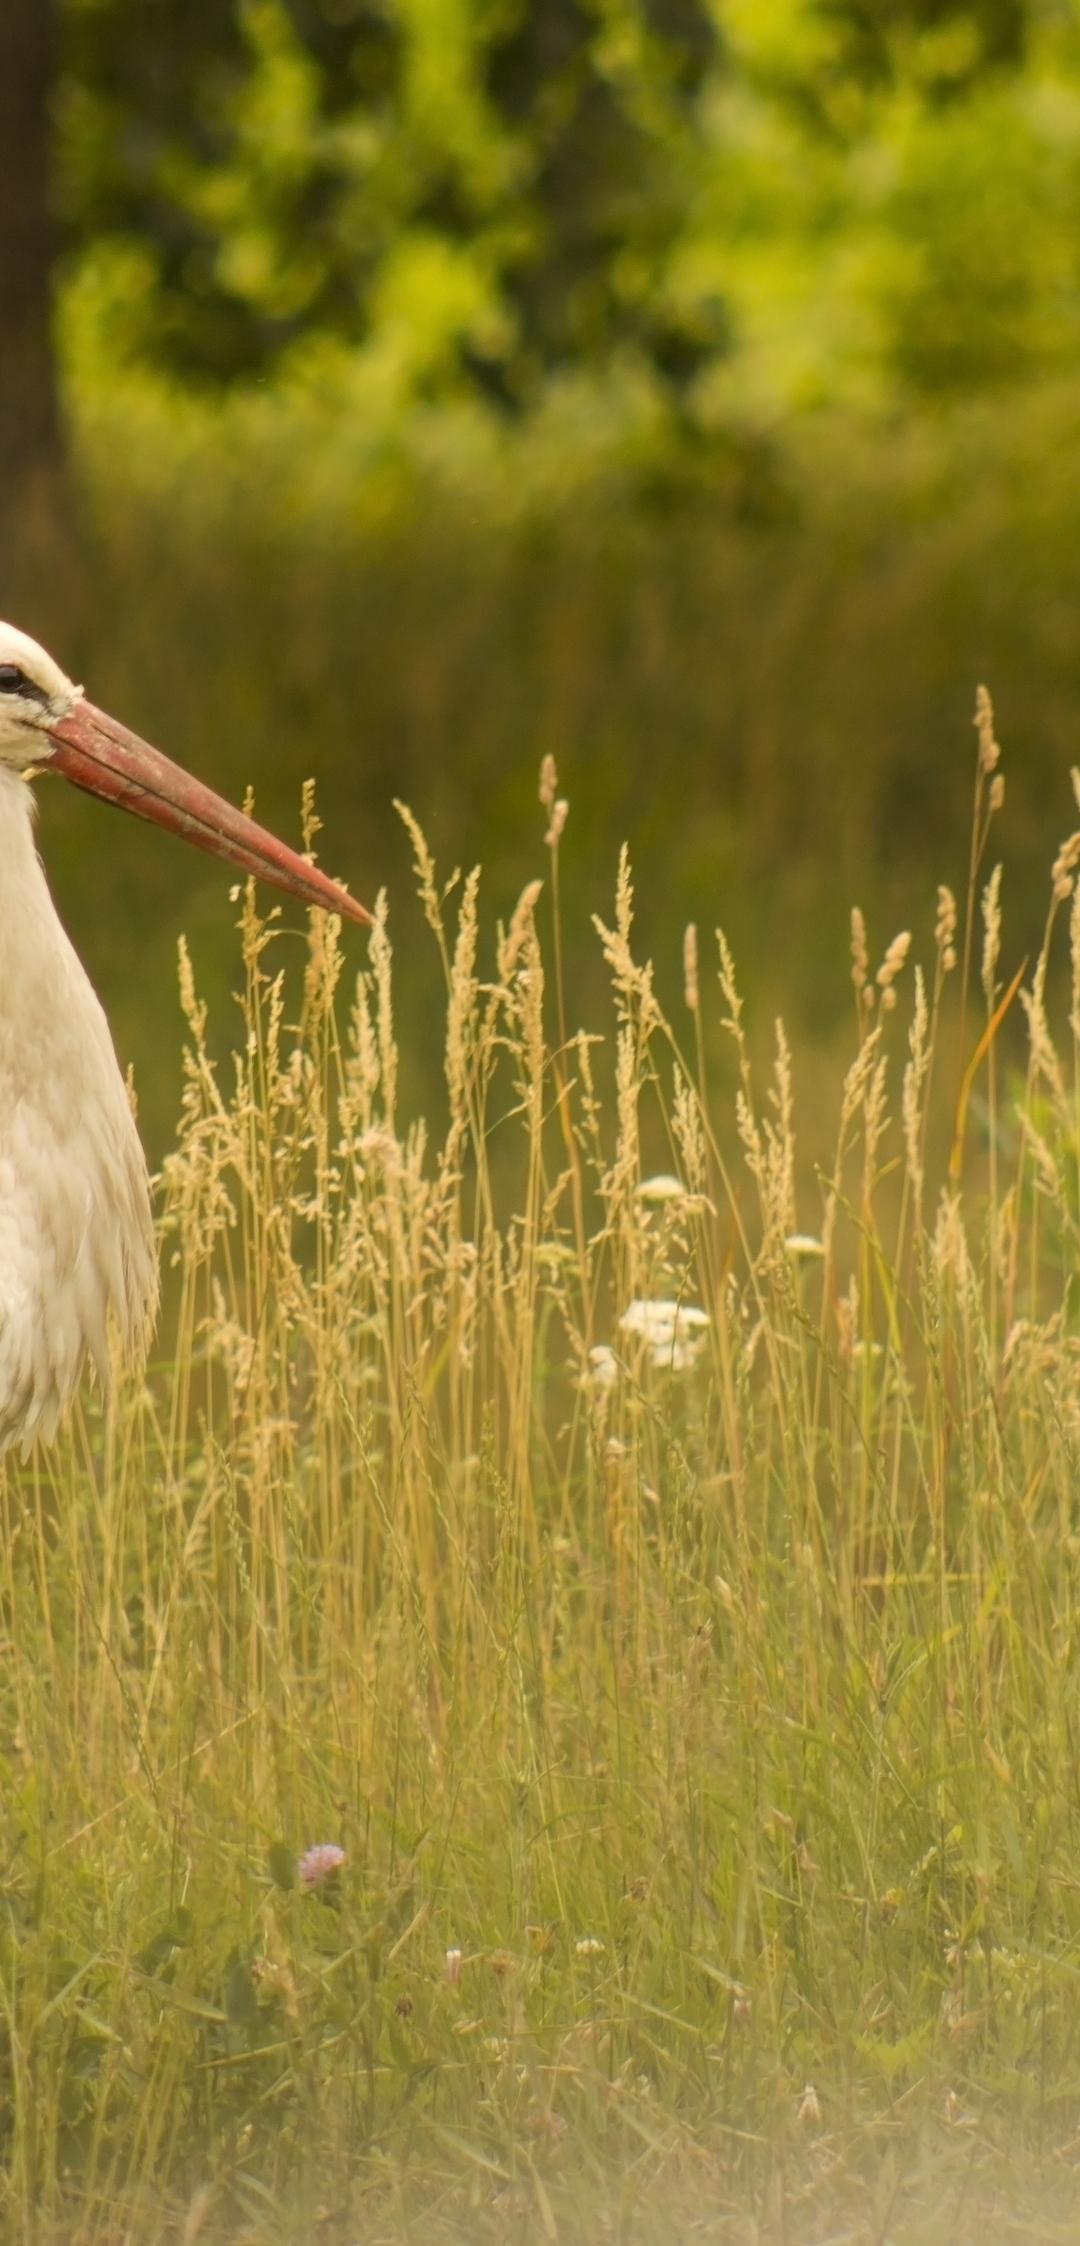 Картинка: Птица, аист, трава, дерево